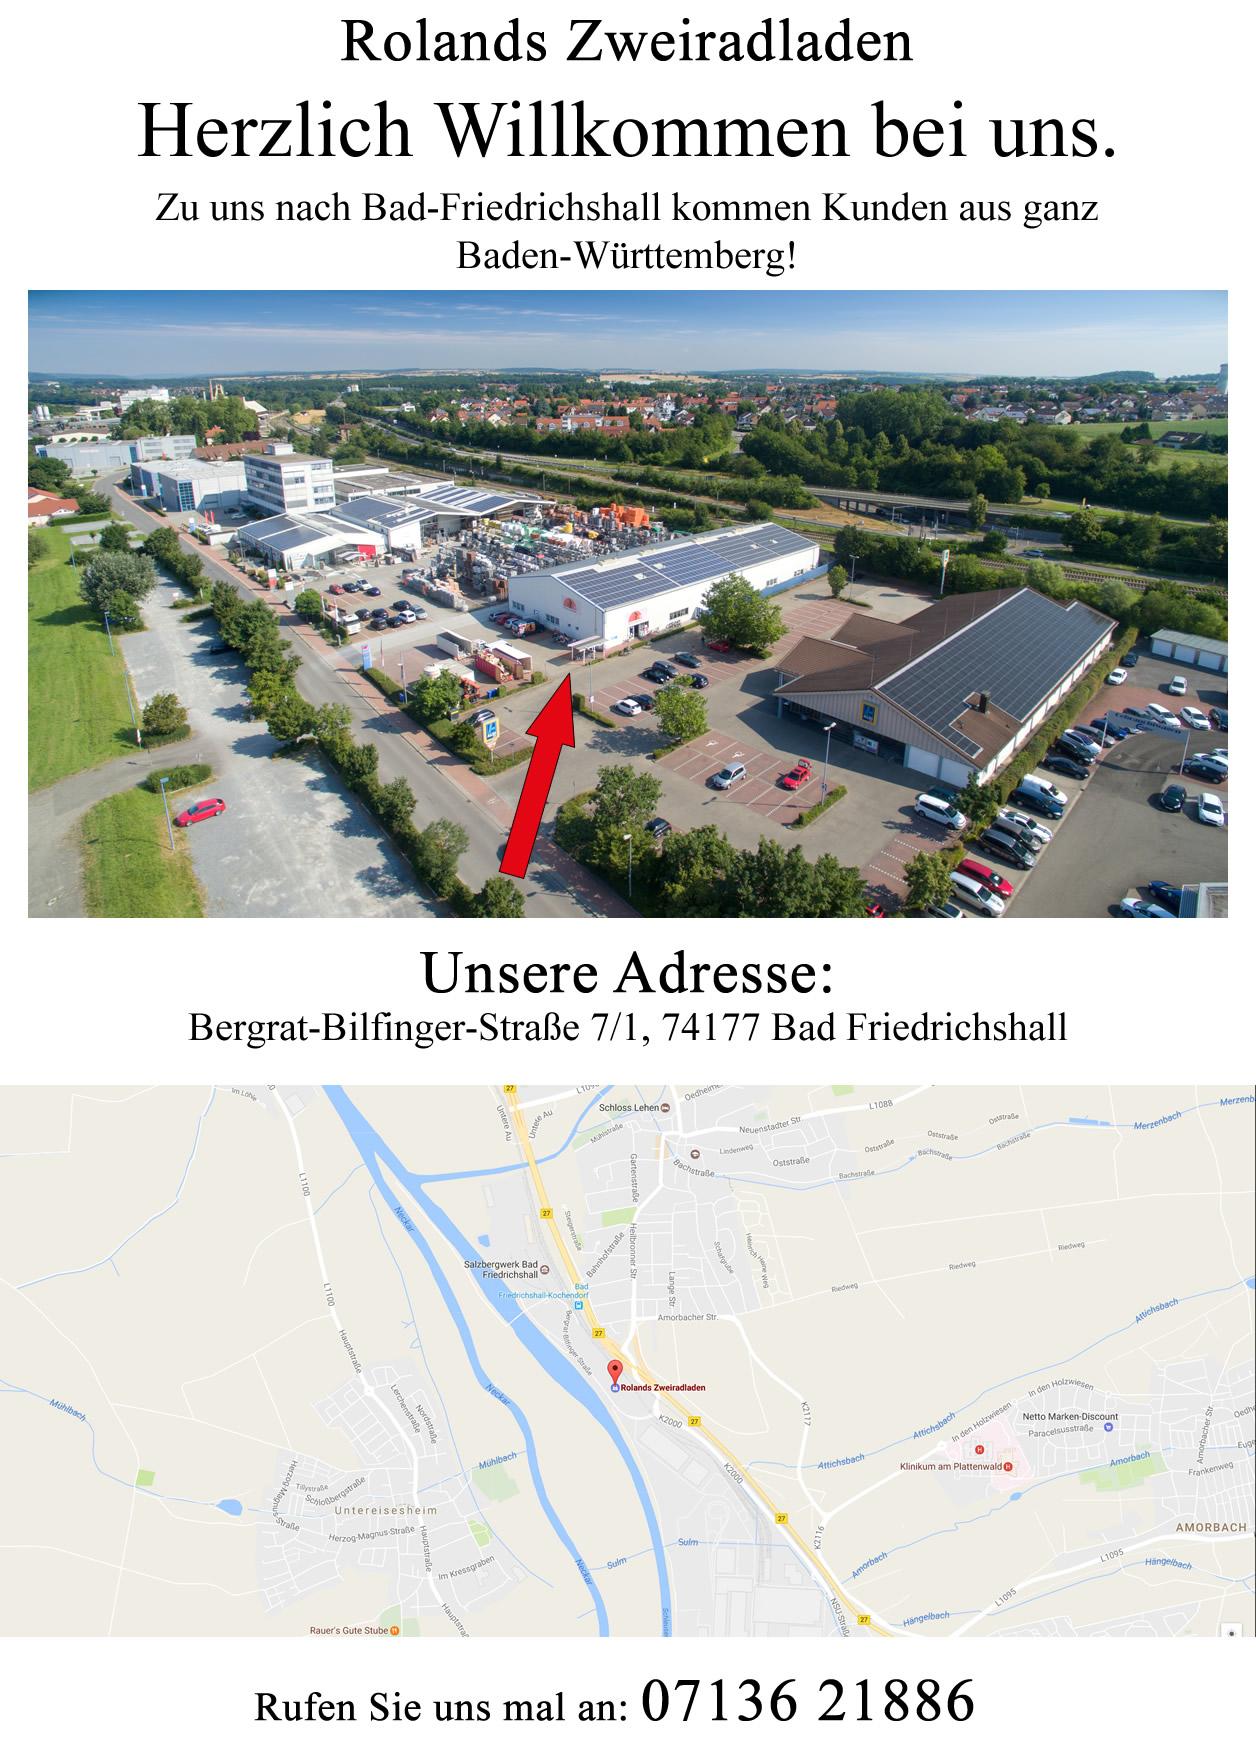 Fahrräder kaufen für 97947 Grünsfeld, Tauberbischofsheim, Werbach, Igersheim, Wittighausen, Großrinderfeld, Lauda-Königshofen oder Bad Mergentheim, Weikersheim, Königheim